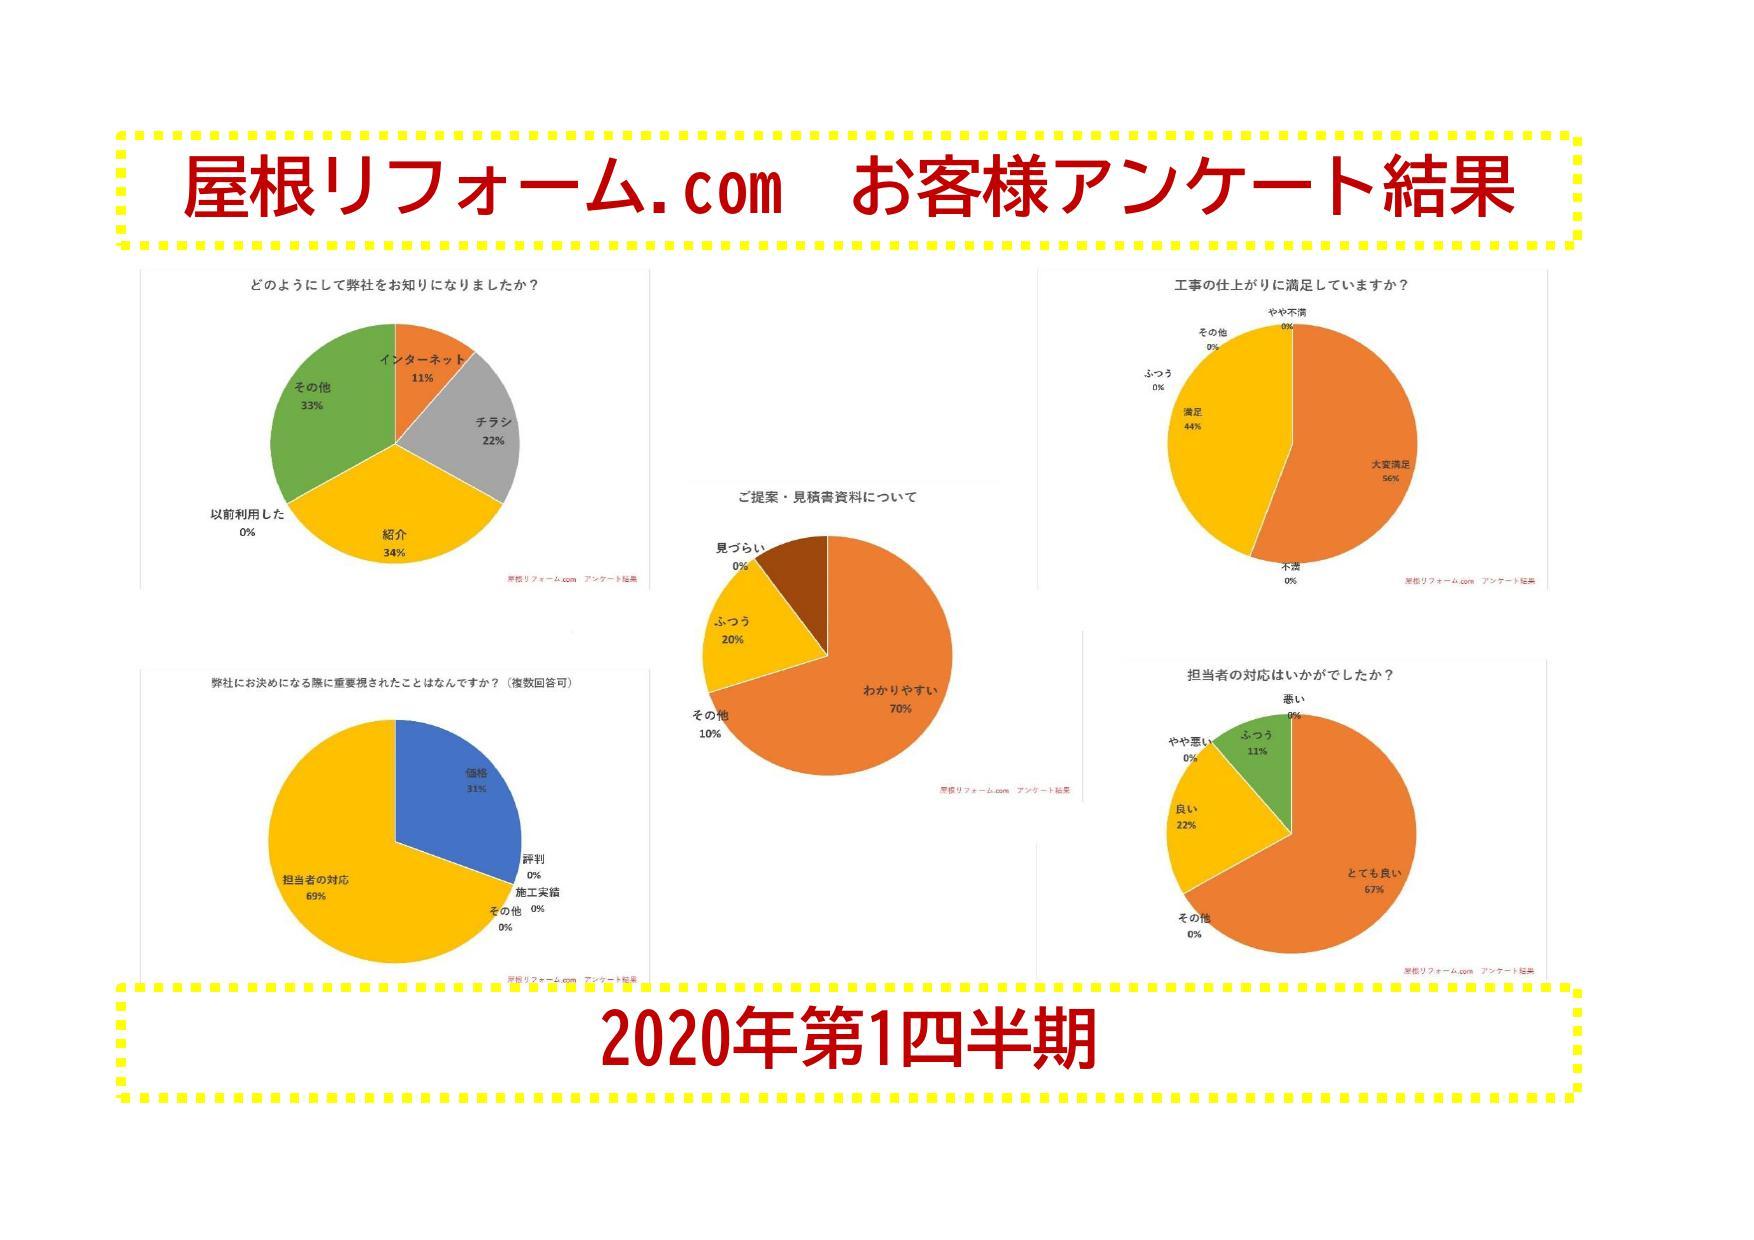 2020年第1四半期の屋根リフォーム.comアンケート結果です^^